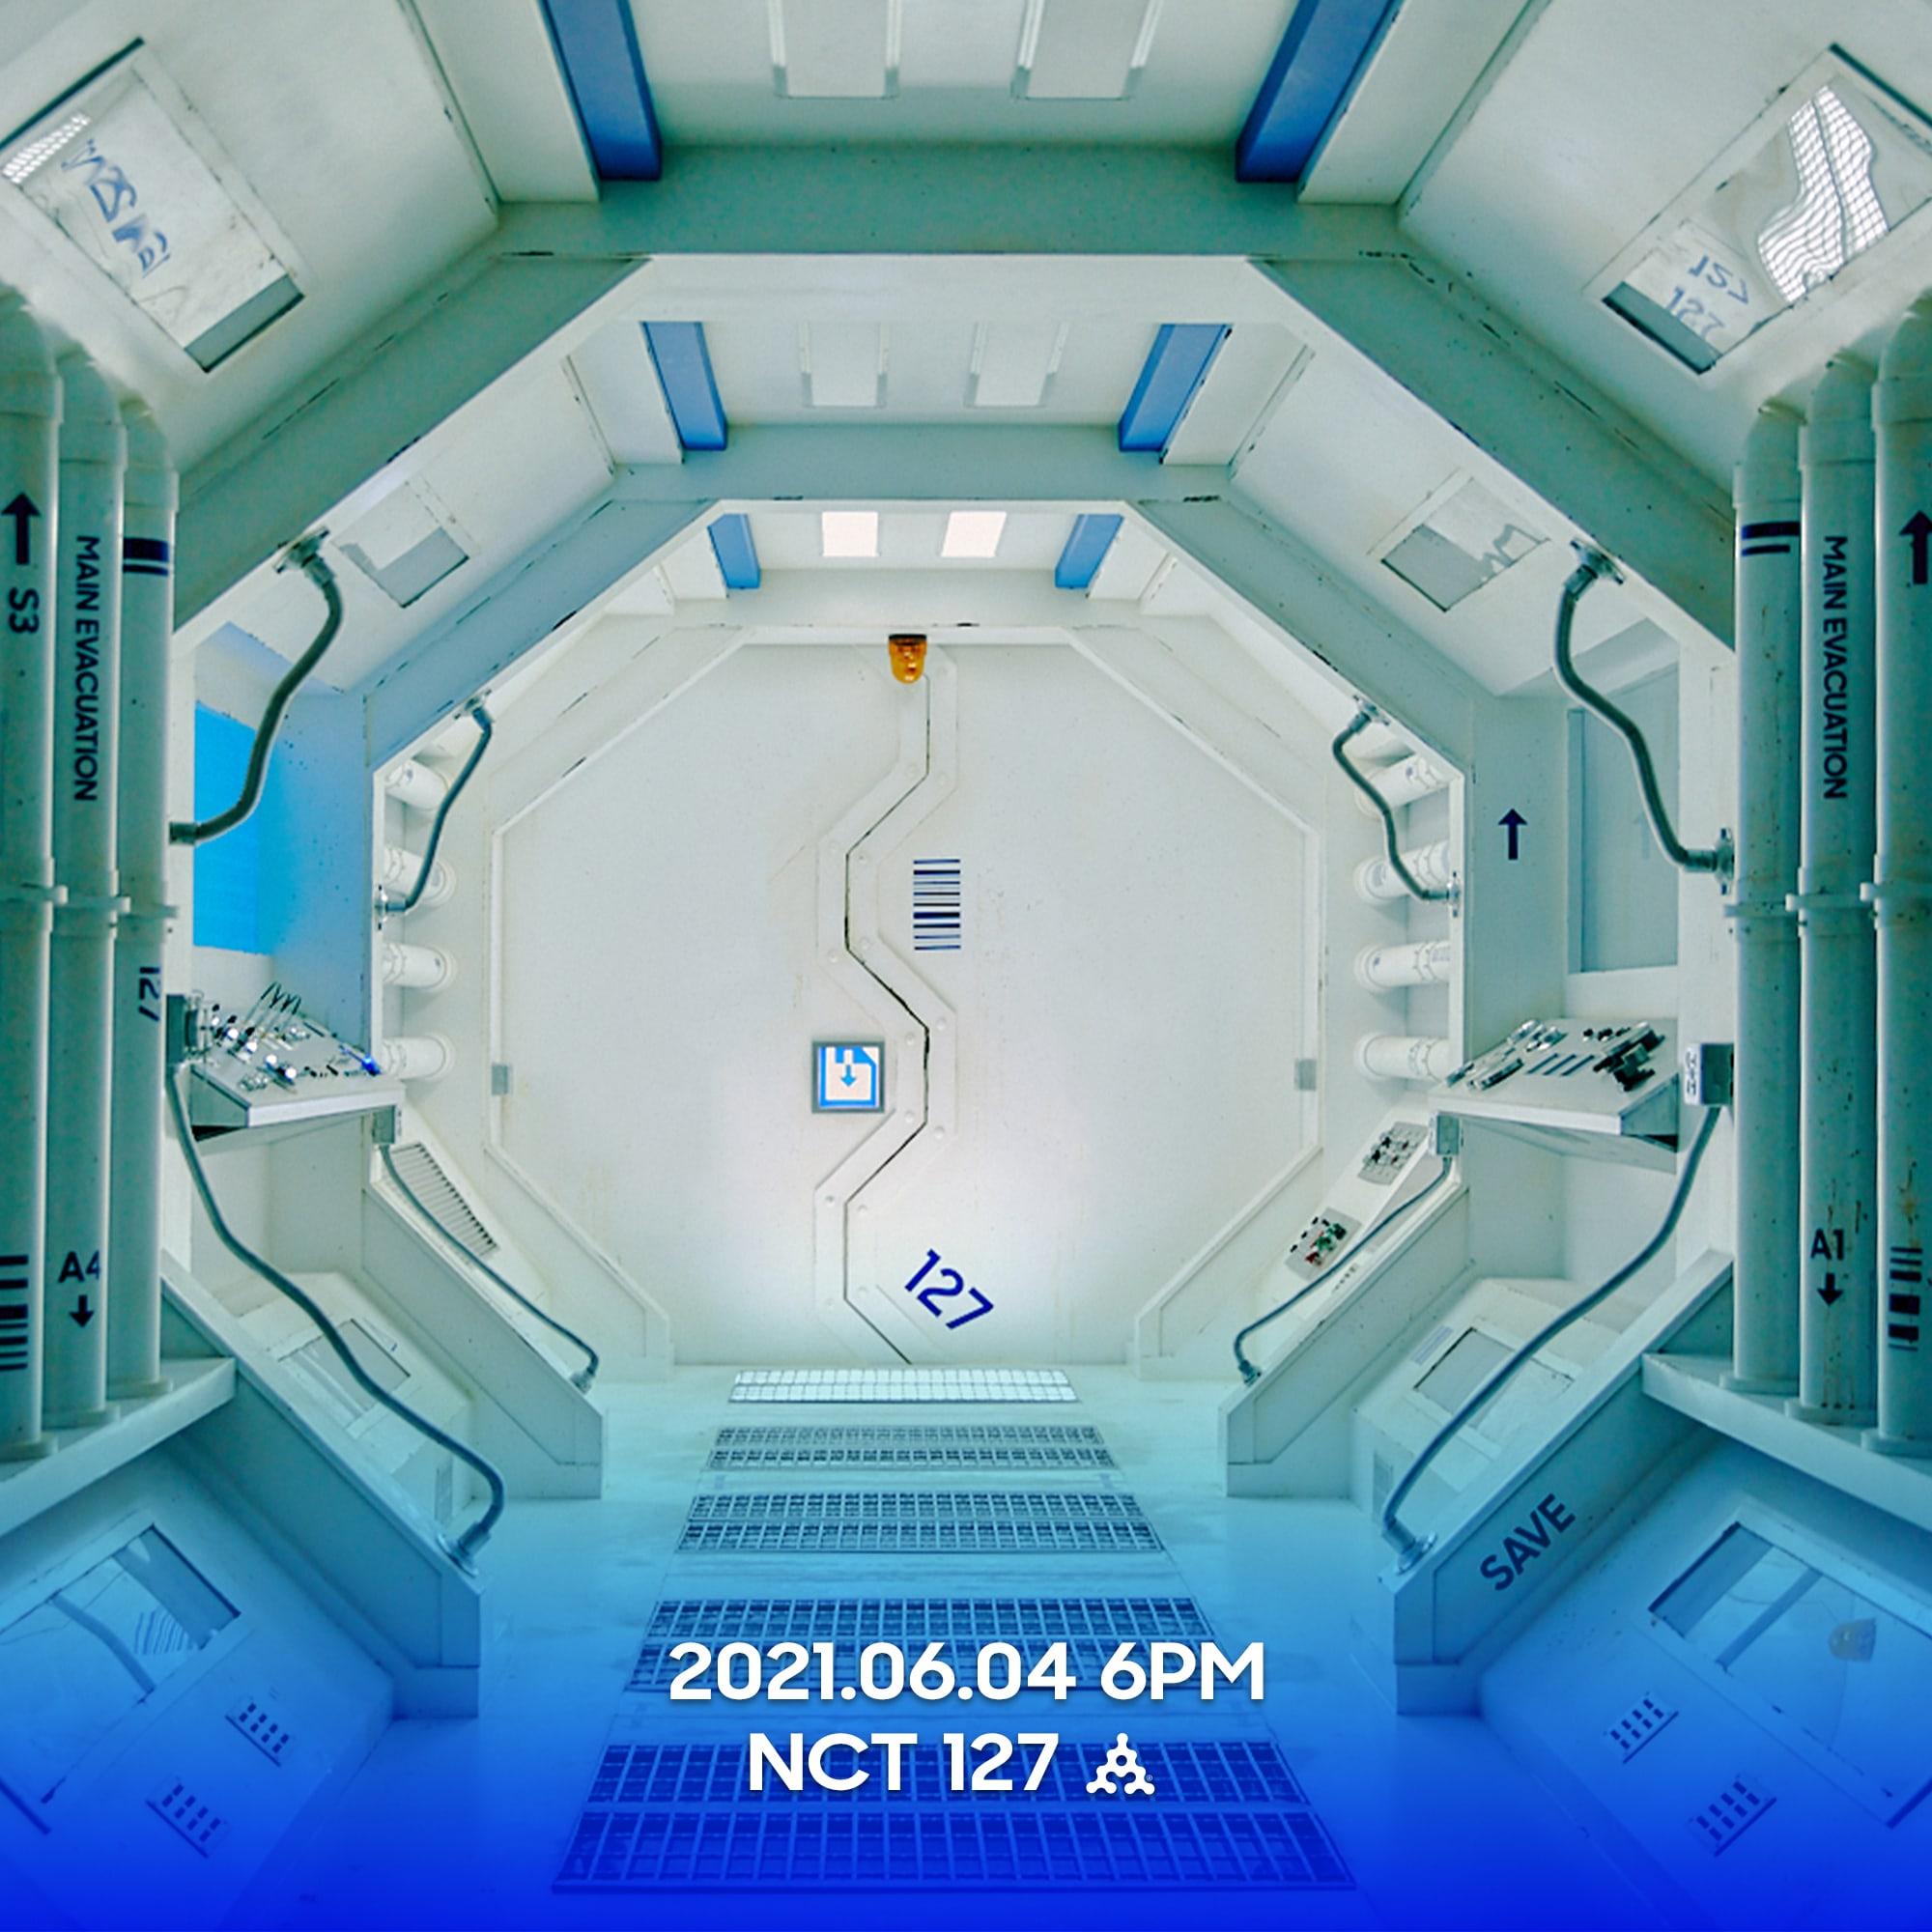 nct 127 save 2